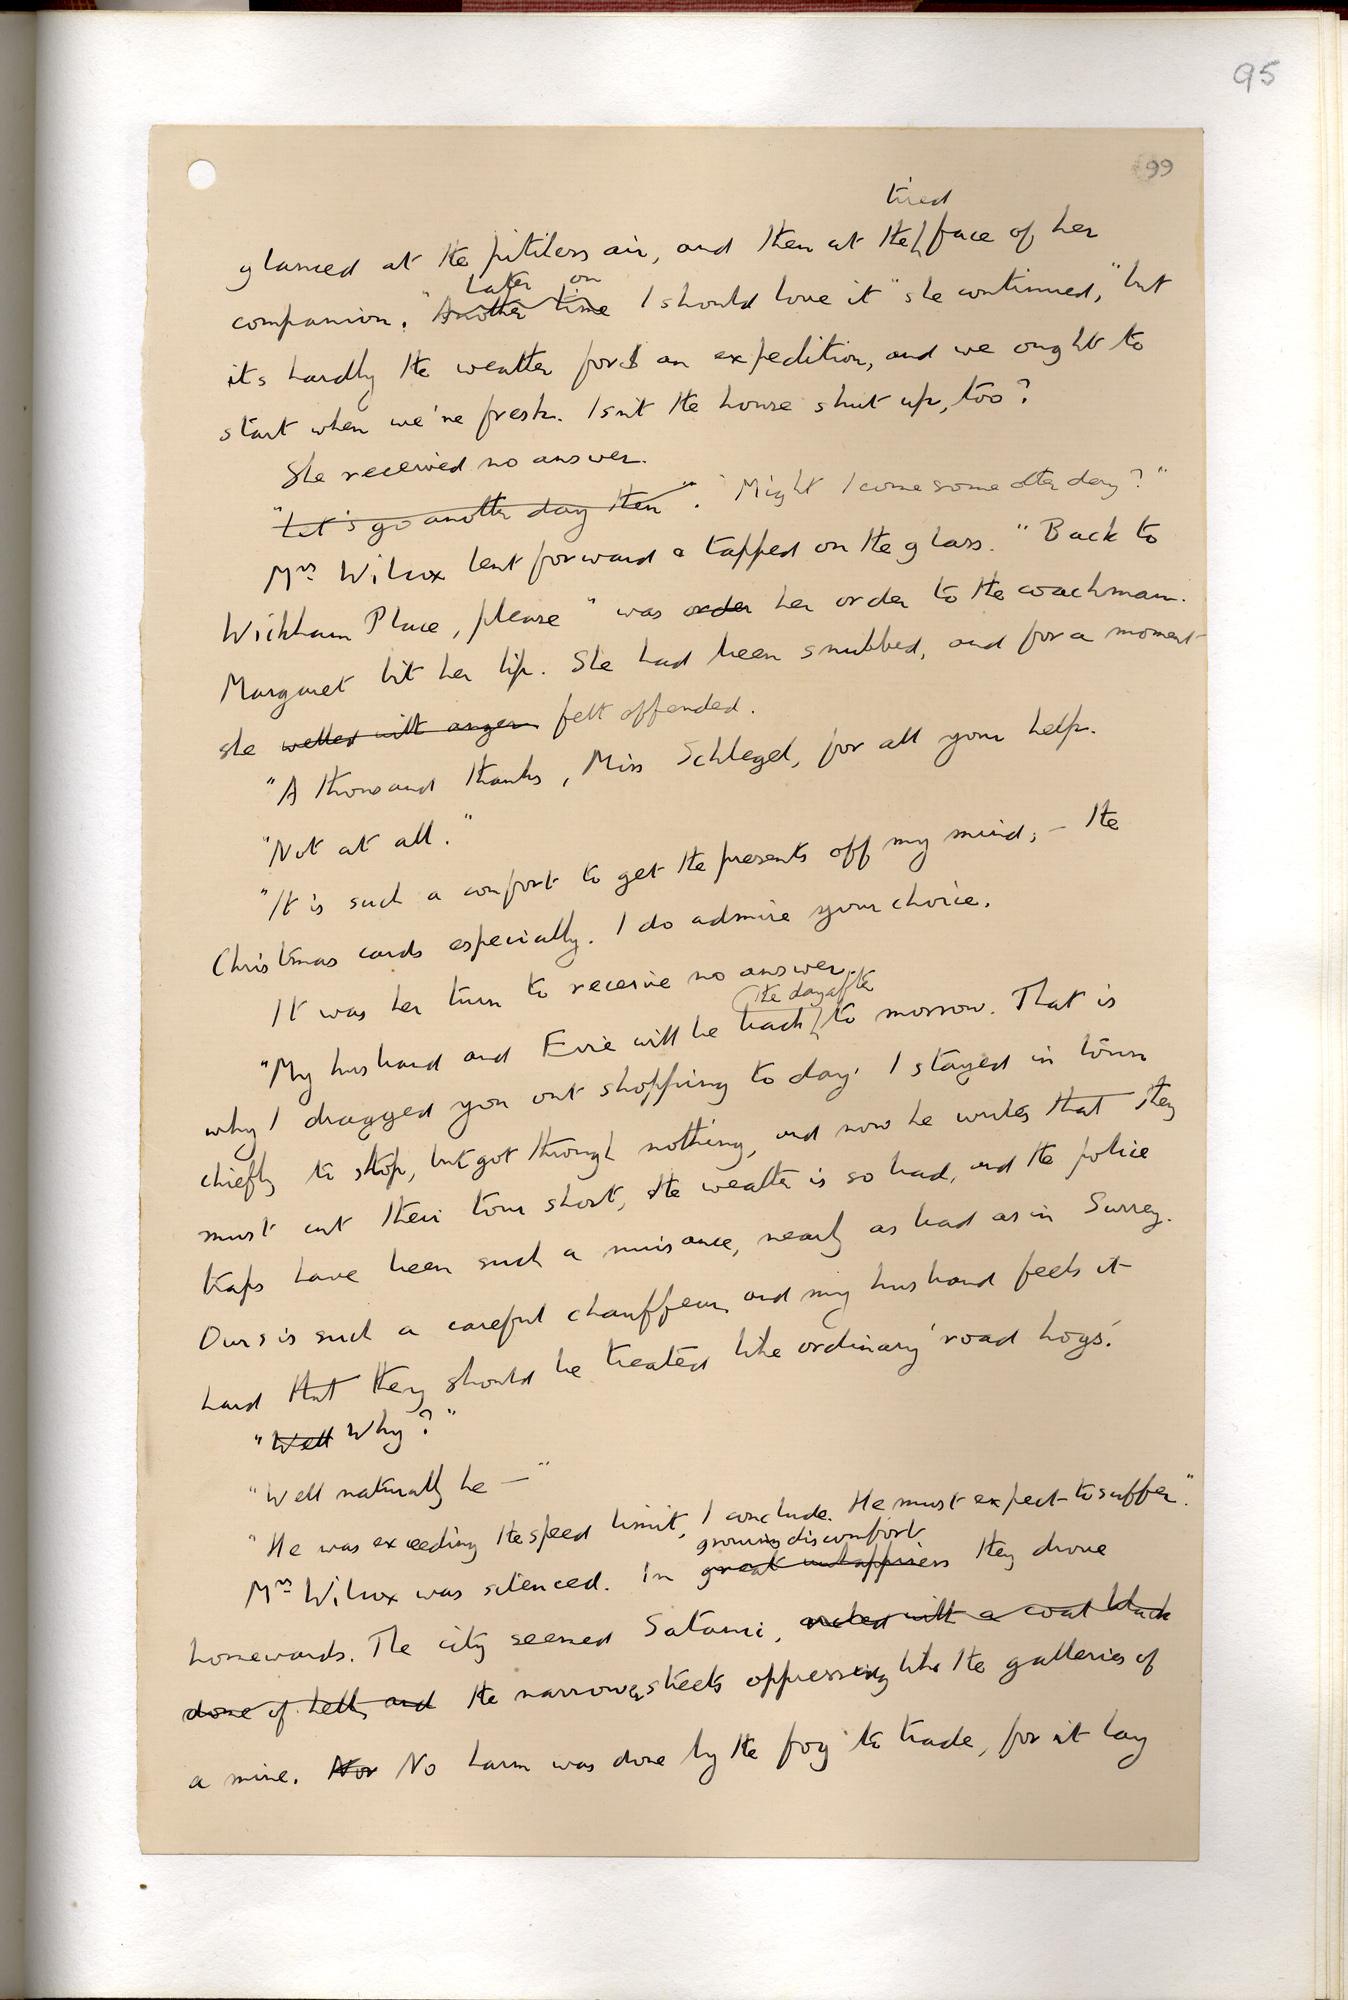 E M Forster's draft of Howards End